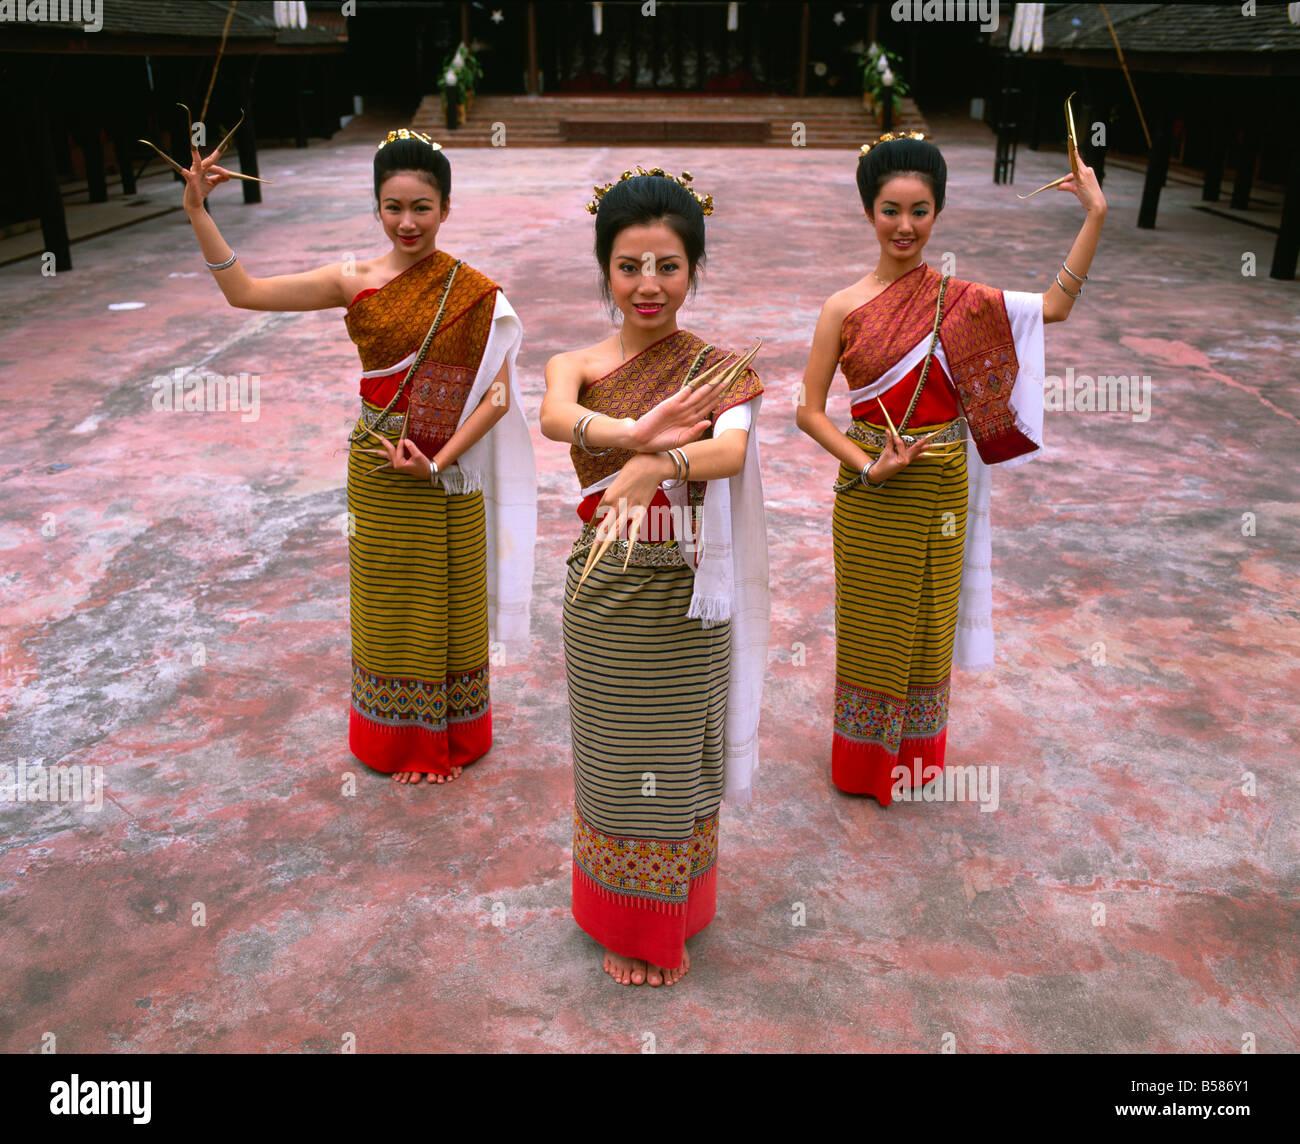 Retrato de tres mujeres en traje tradicional tailandés, Chiang Mai, Tailandia, en el sudeste de Asia, Asia Foto de stock